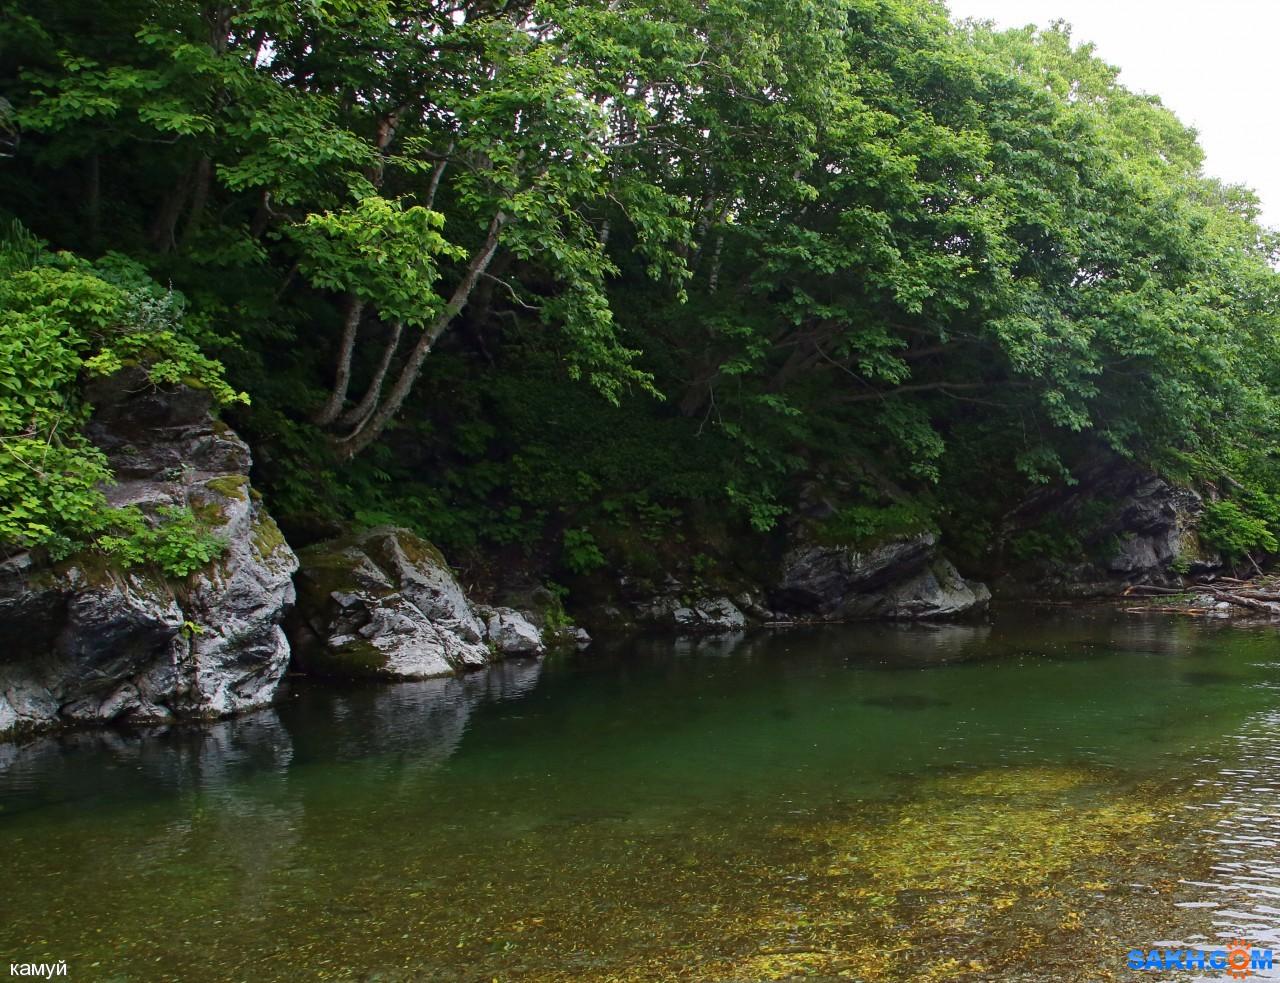 камуй: Симау в нижнем течении